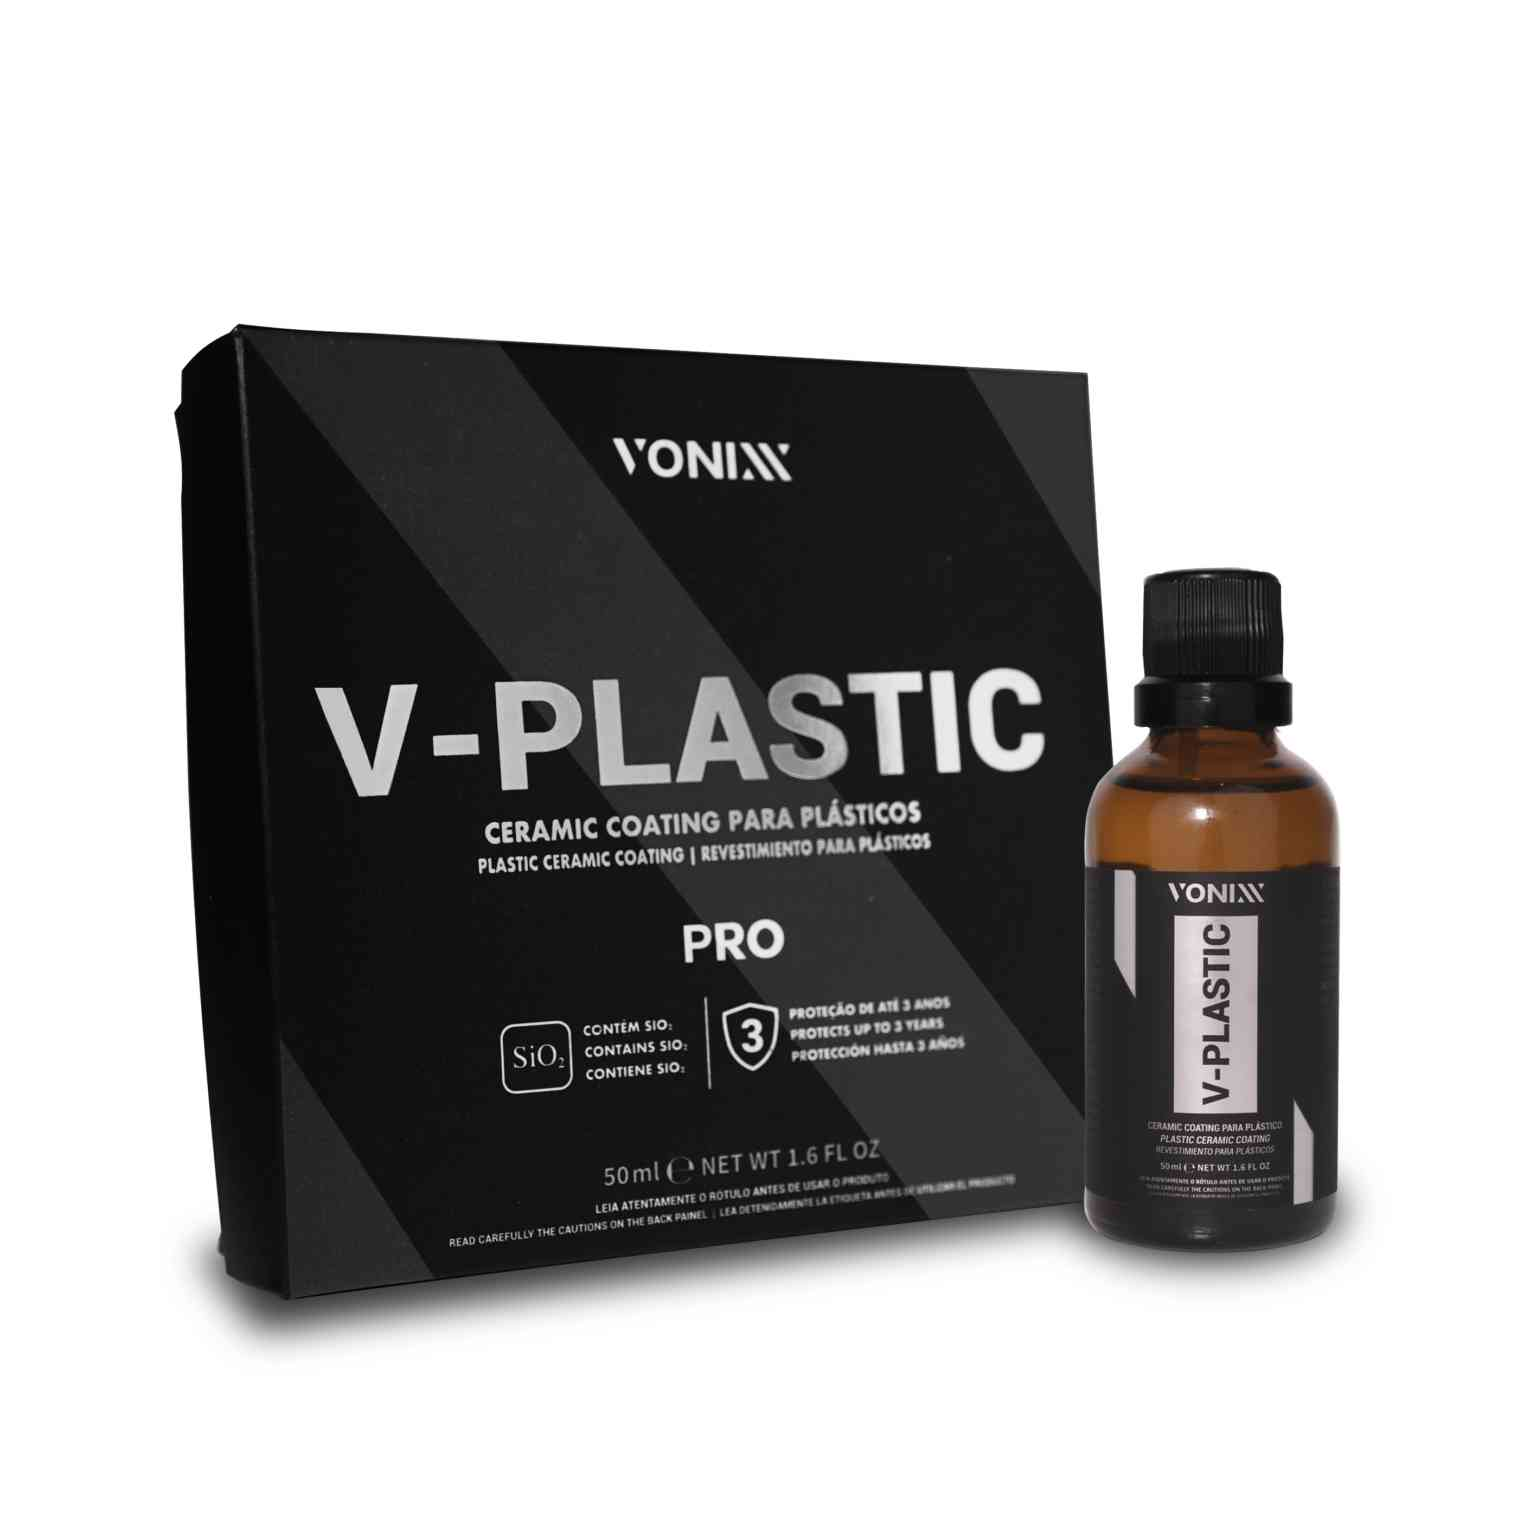 V-Plastic Vitrificador De Plásticos 20ml - Vonixx